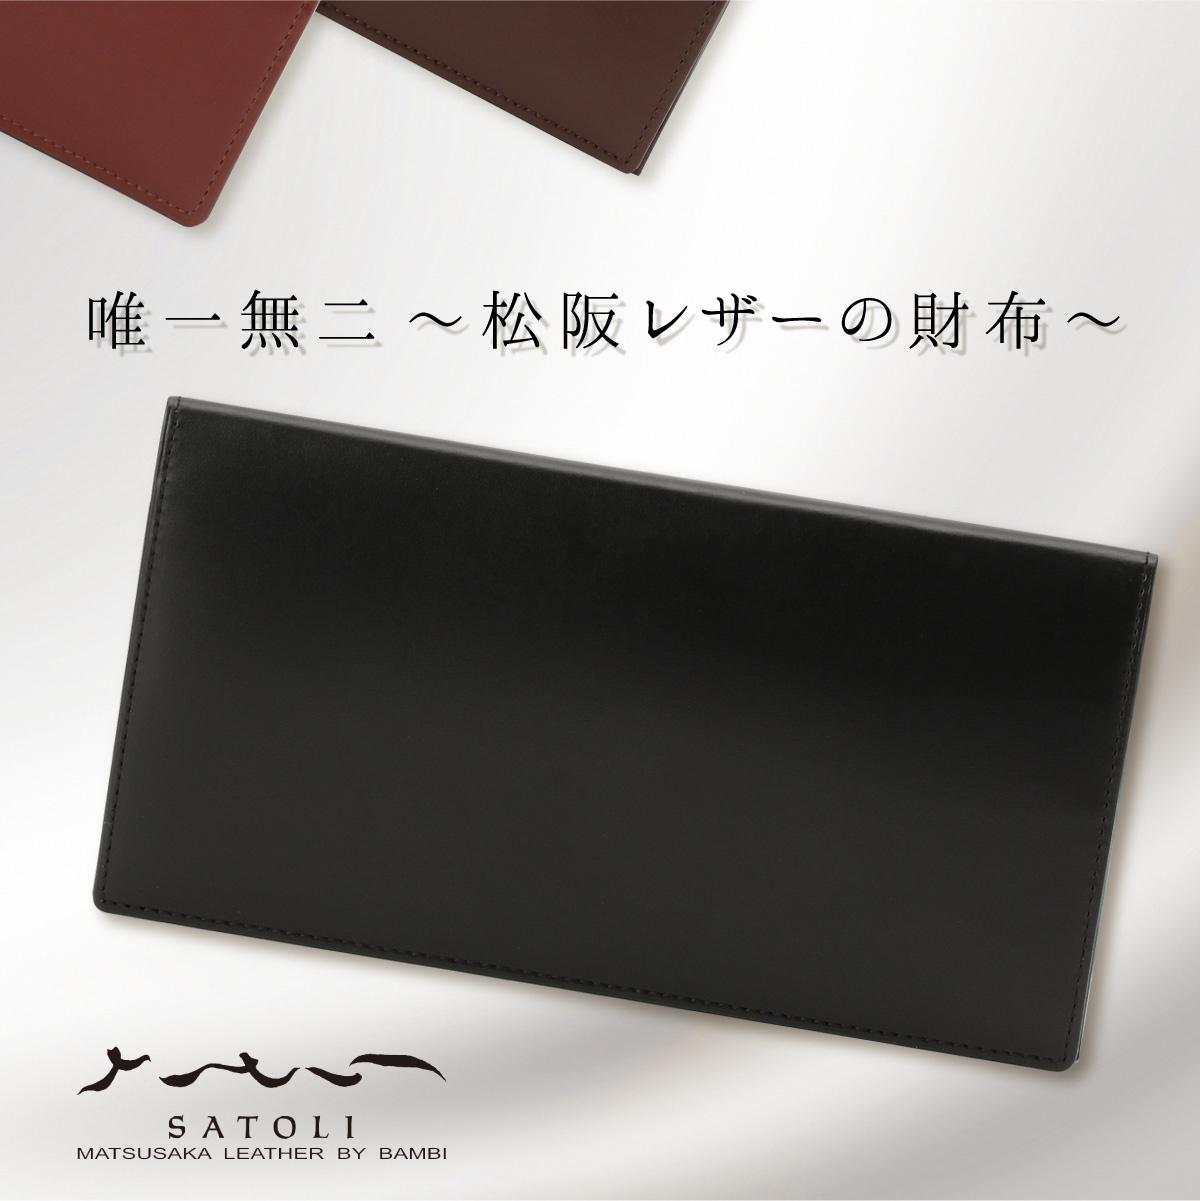 松阪レザーのプレミアム財布 さとり 長財布 【カラー:硯】 開運グッズ